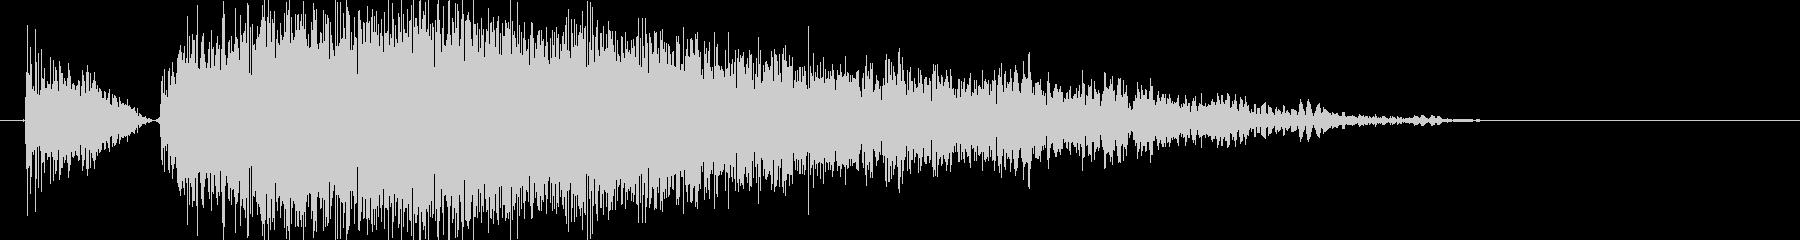 パンチやキック(大打撃、カウンター)1hの未再生の波形